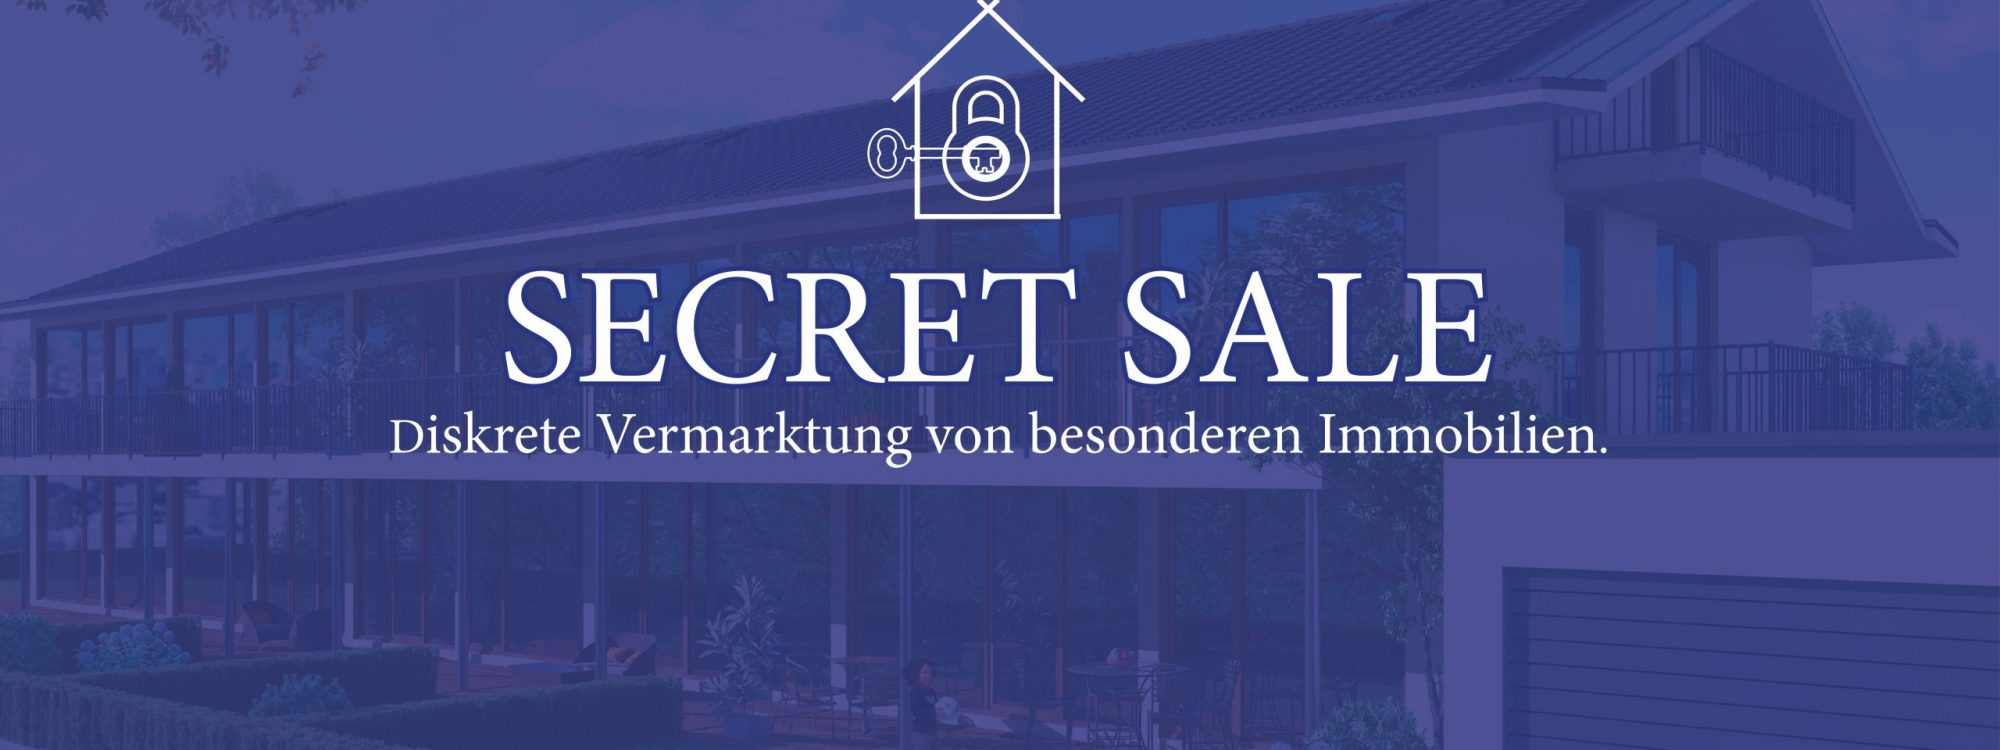 Bild Secret Sale - diskrete Vermarktung Ihrer Immobilie